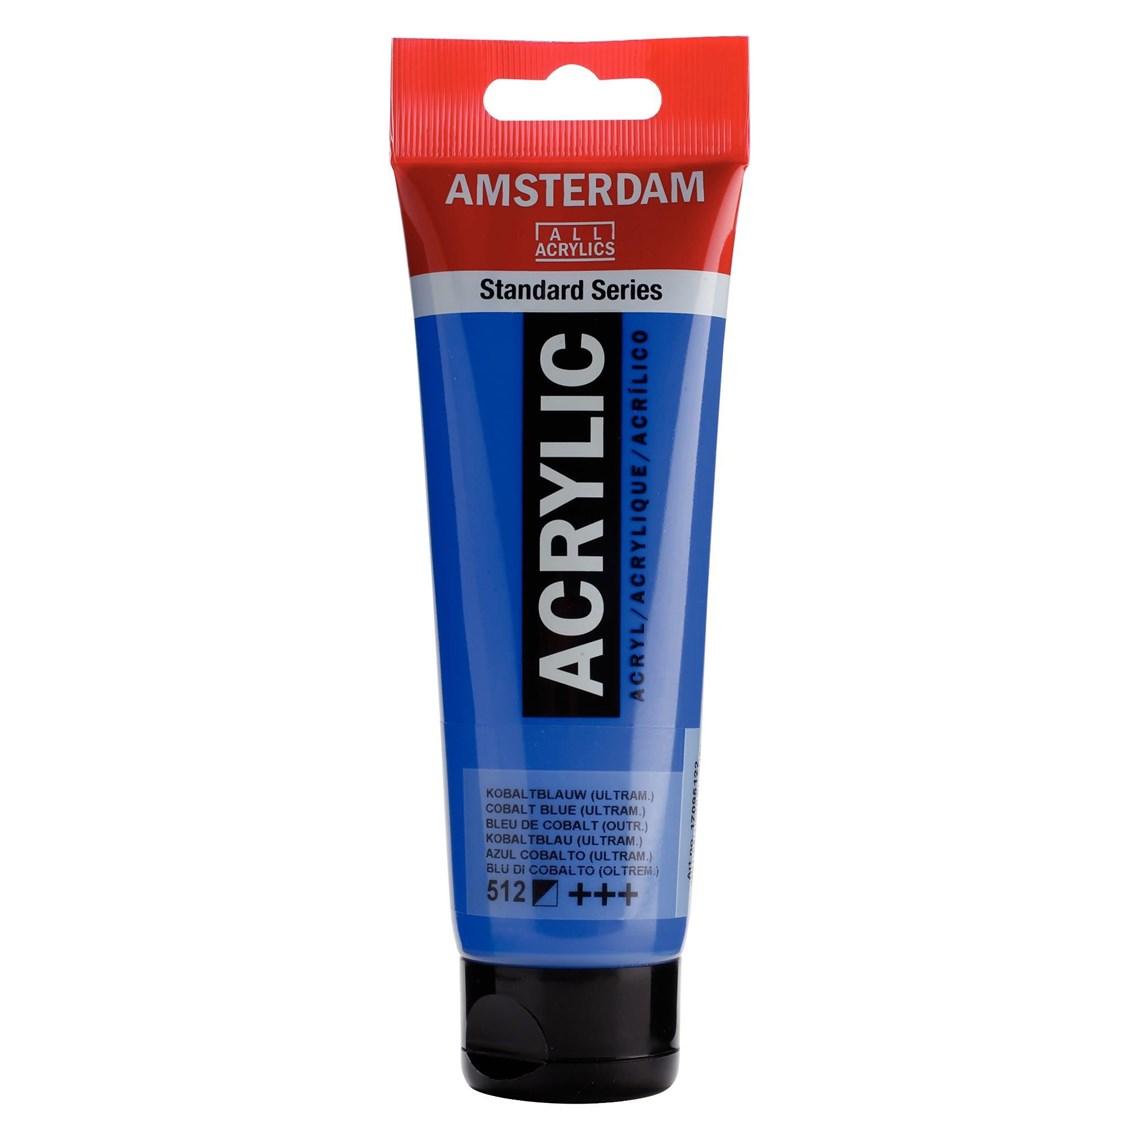 Amsterdam acrylverf Kobaltblauw (ultramarijn) 512